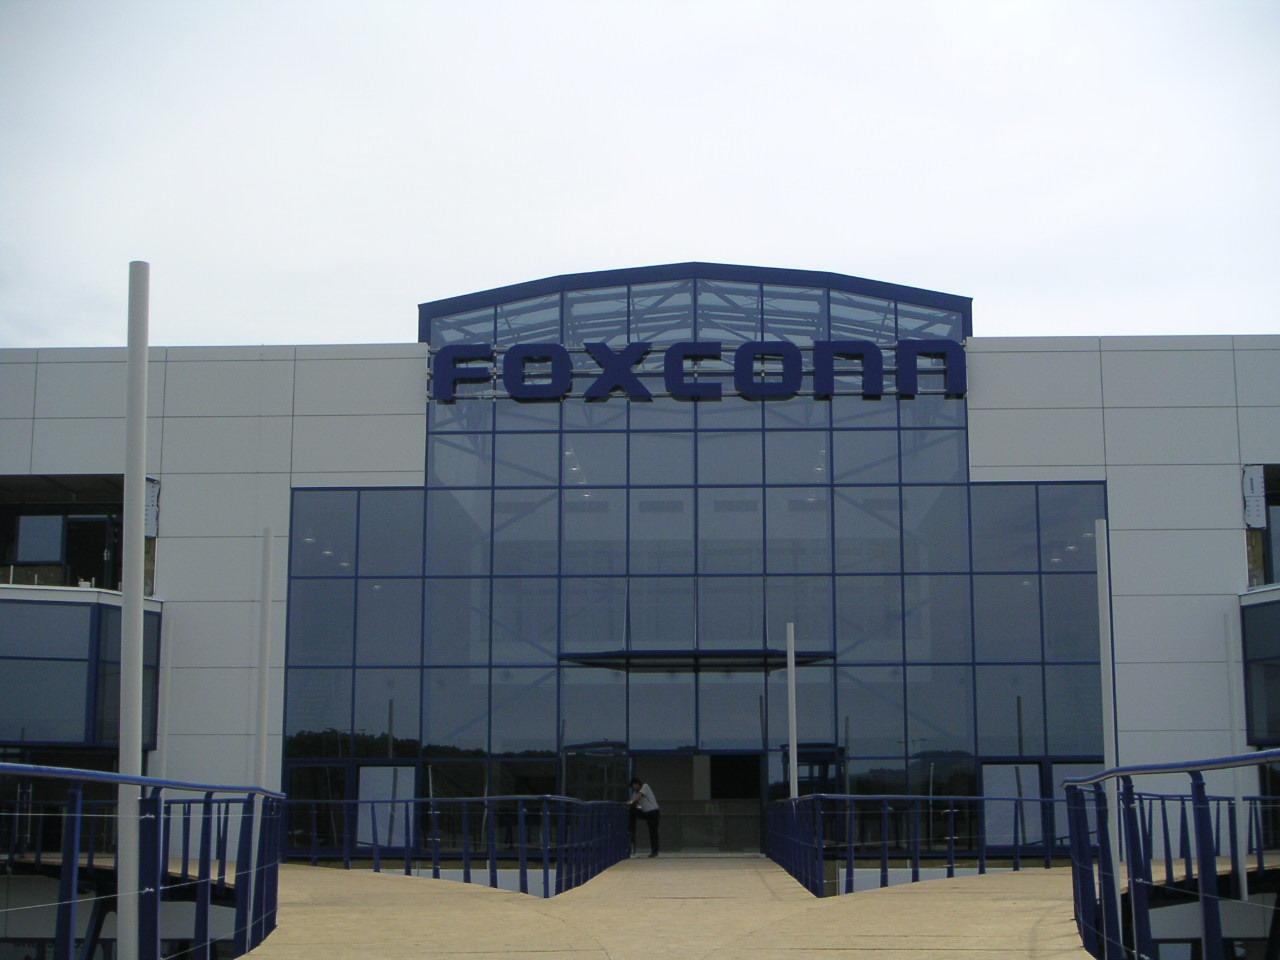 Завод Foxconn, где производятся все гаджеты Apple